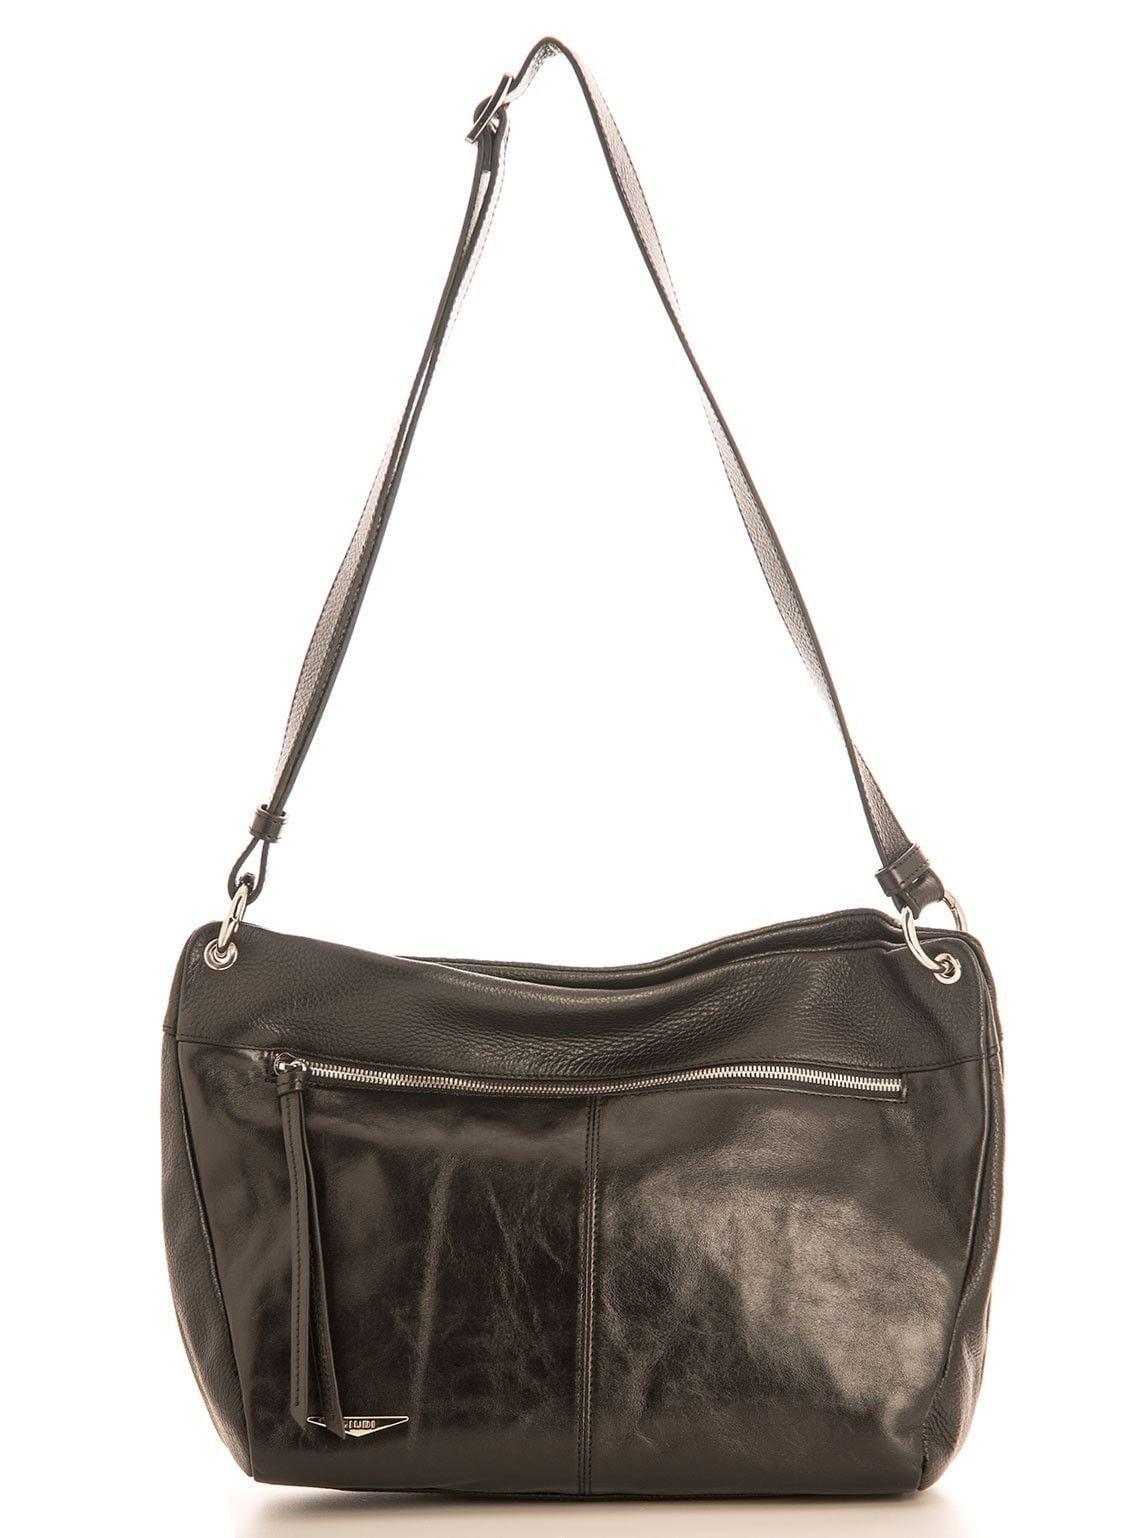 9db831104f2e Sorrento-Leather Hobo Shoulder Bag